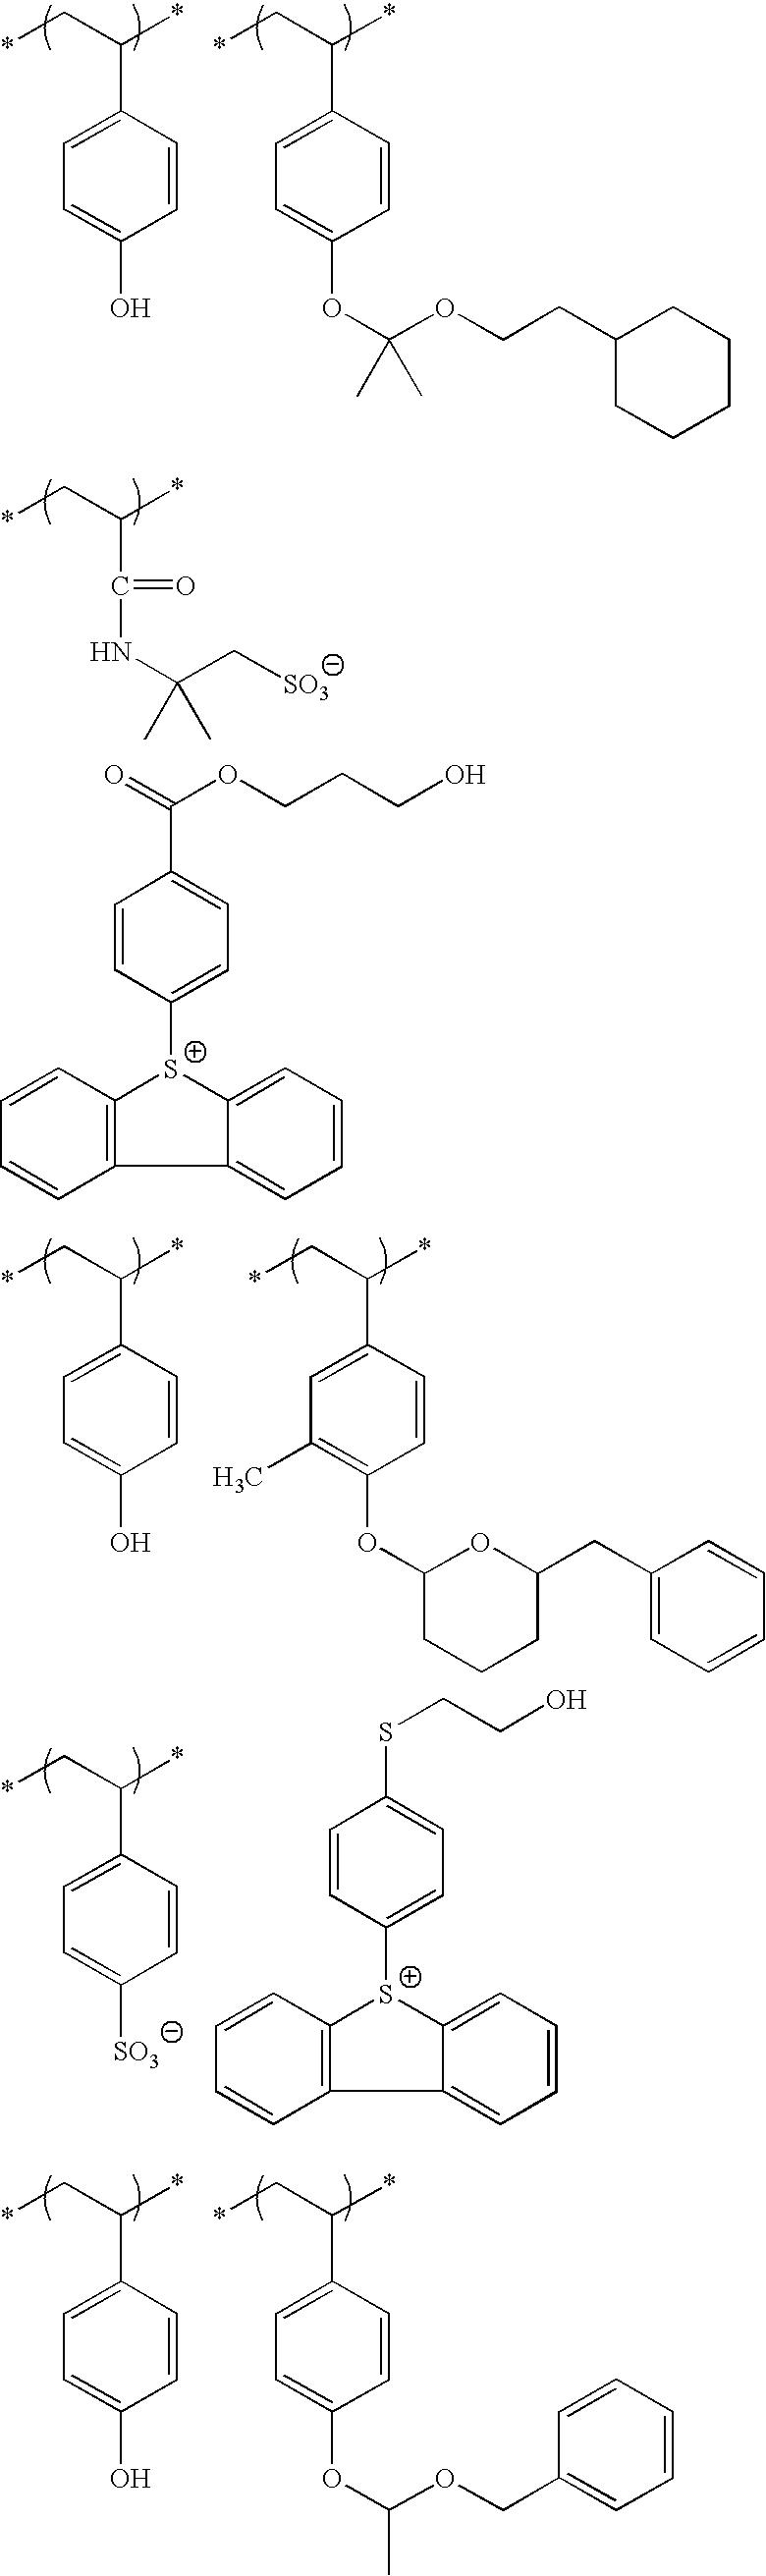 Figure US08852845-20141007-C00157